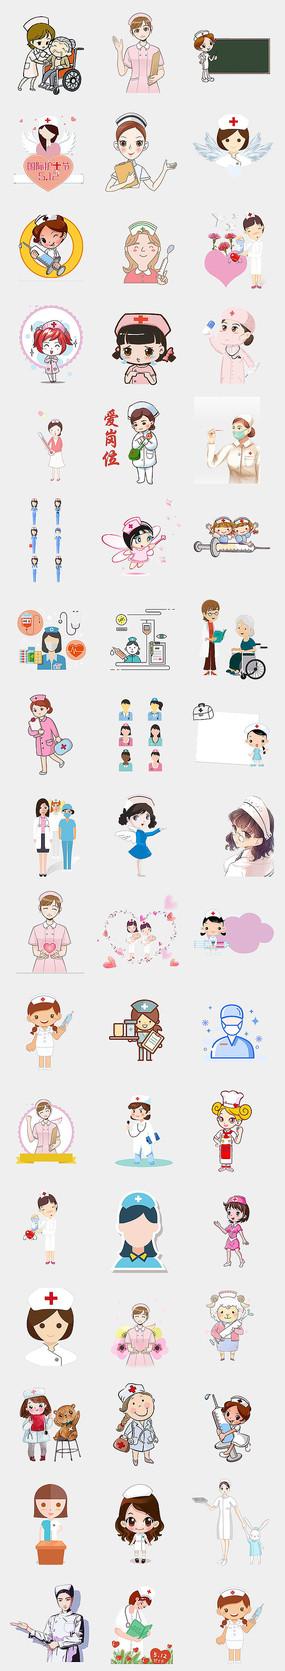 国际护士节卡通护士手绘素材